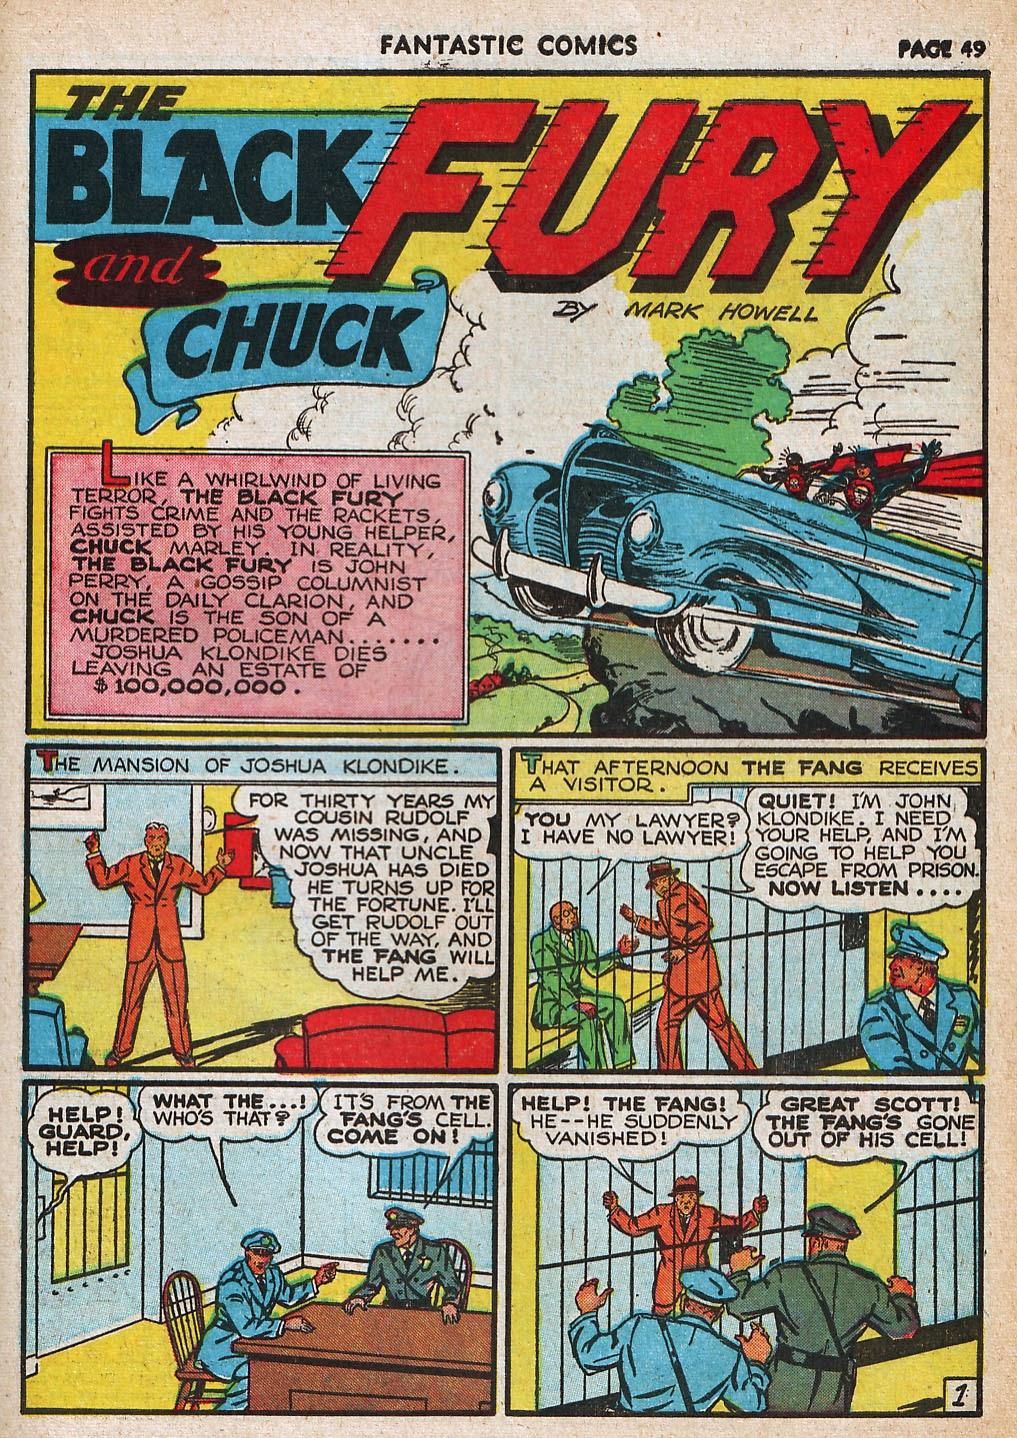 Read online Fantastic Comics comic -  Issue #20 - 49